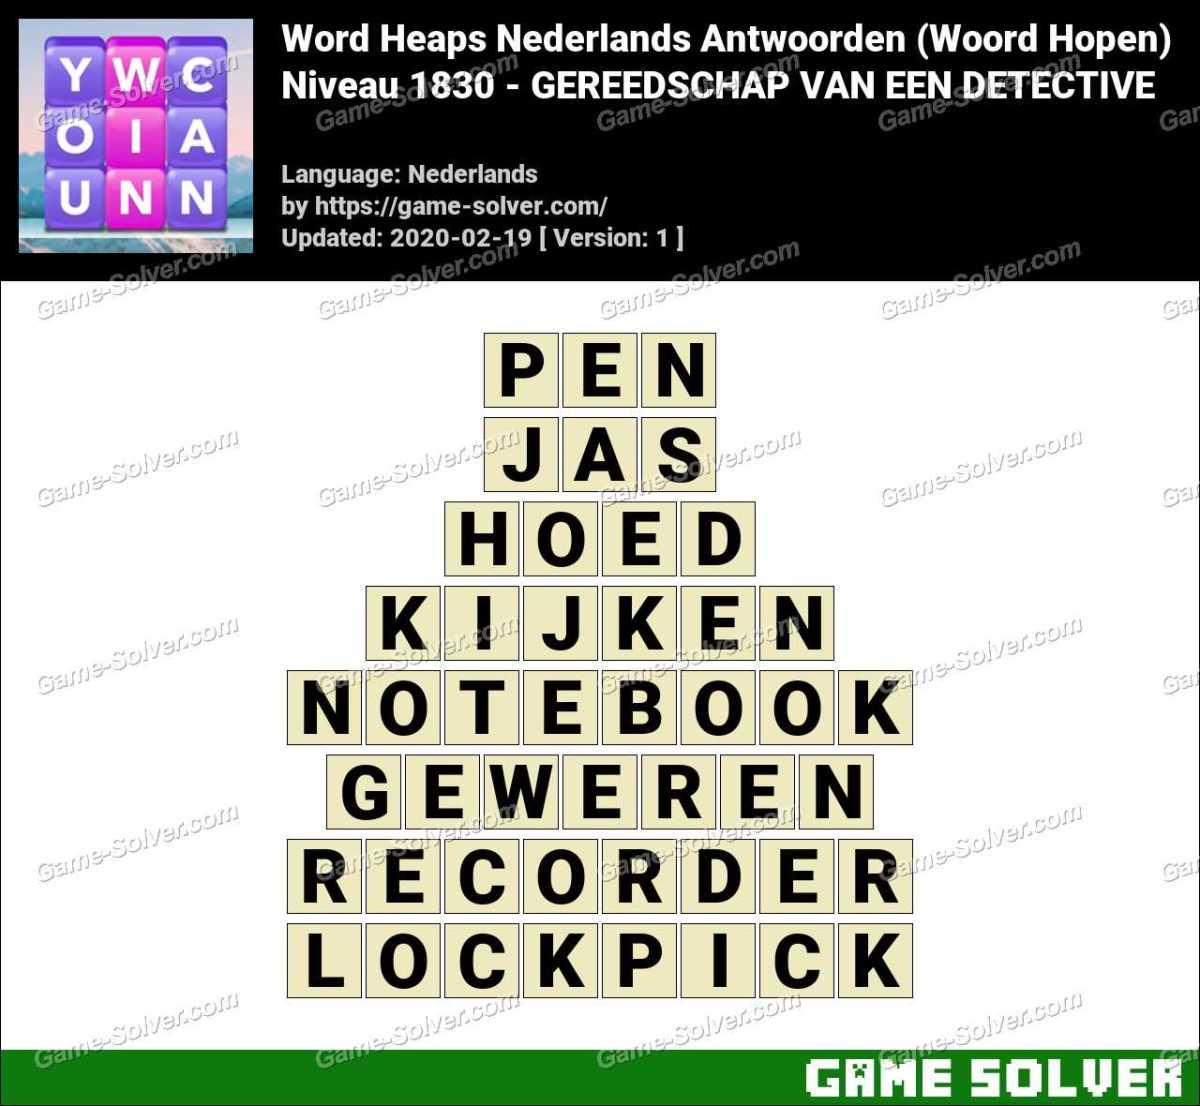 Woord Hopen Niveau 1830 -GEREEDSCHAP VAN EEN DETECTIVE